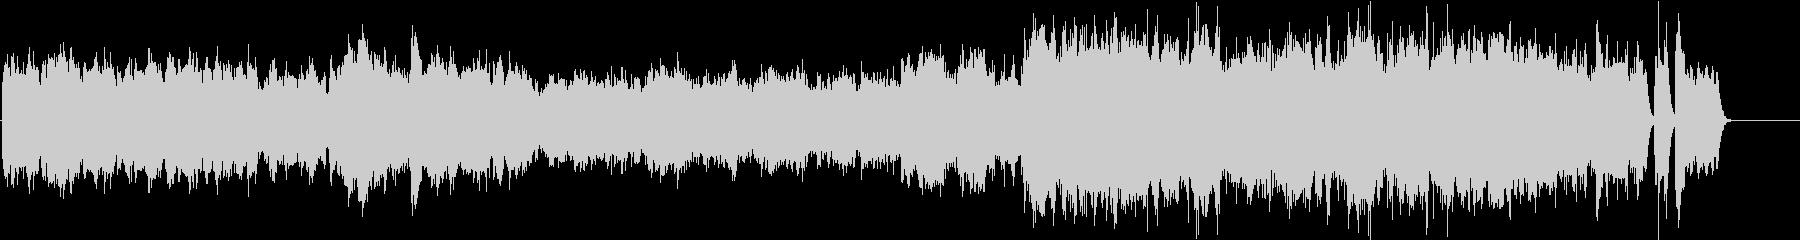 ジョアキーノ・ロッシーニのカバーの未再生の波形